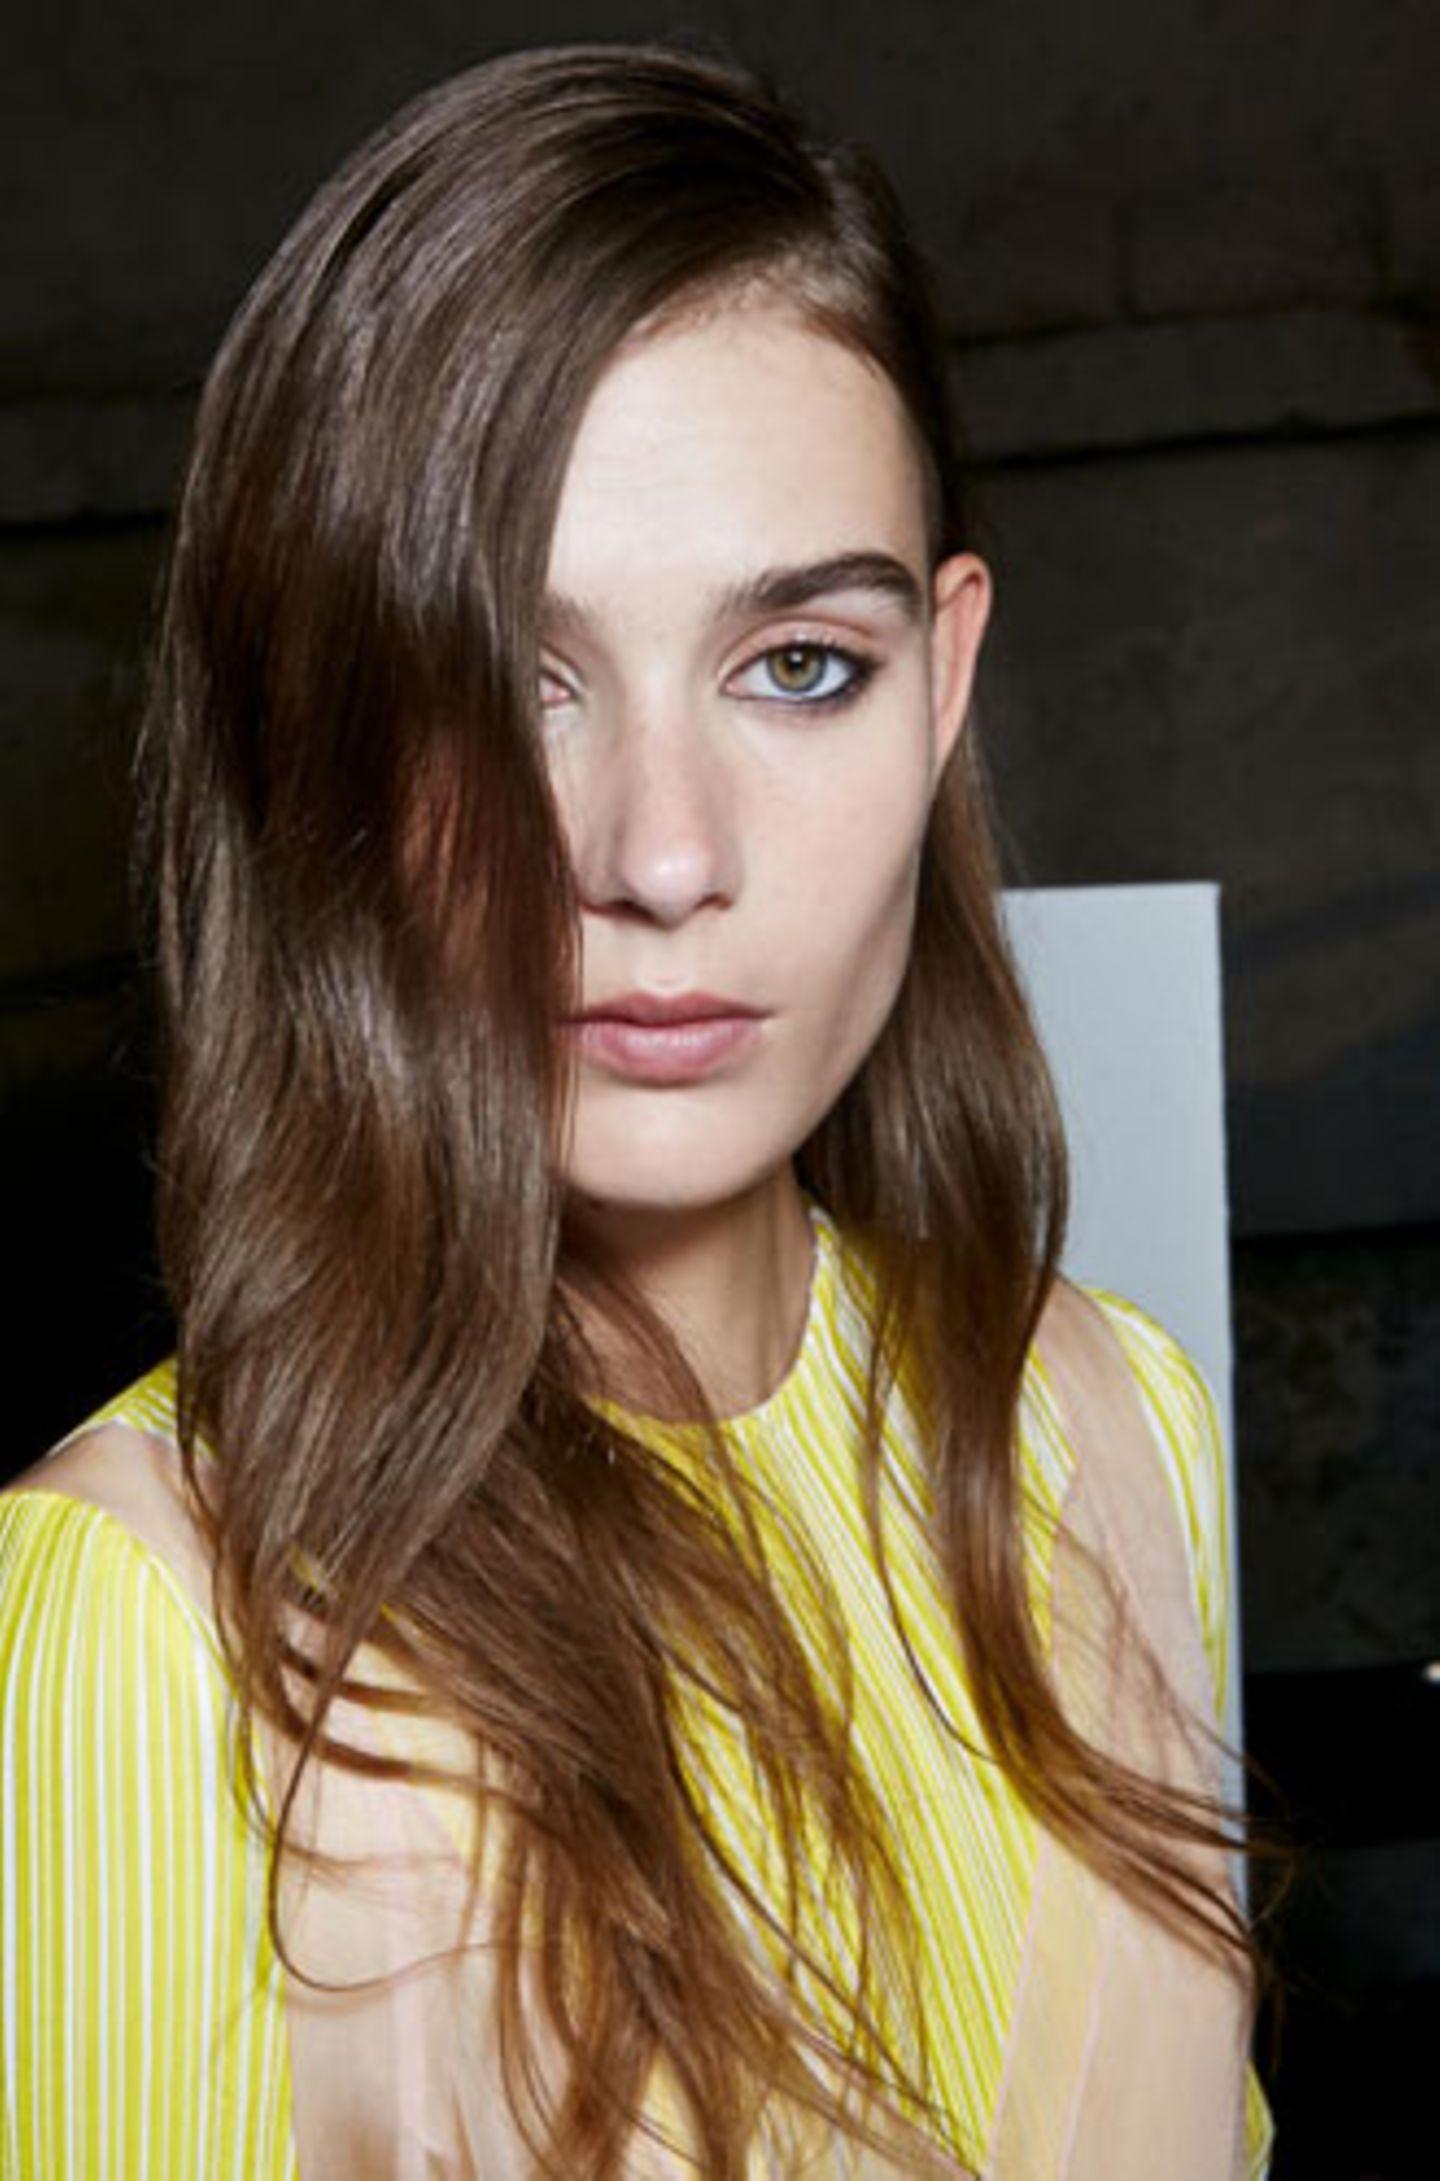 Sexy Frisur, weil: ein extremer Seitenscheitel uns eine Tolle schenkt, die sich geheimnisvoll über unseren Blick senkt.